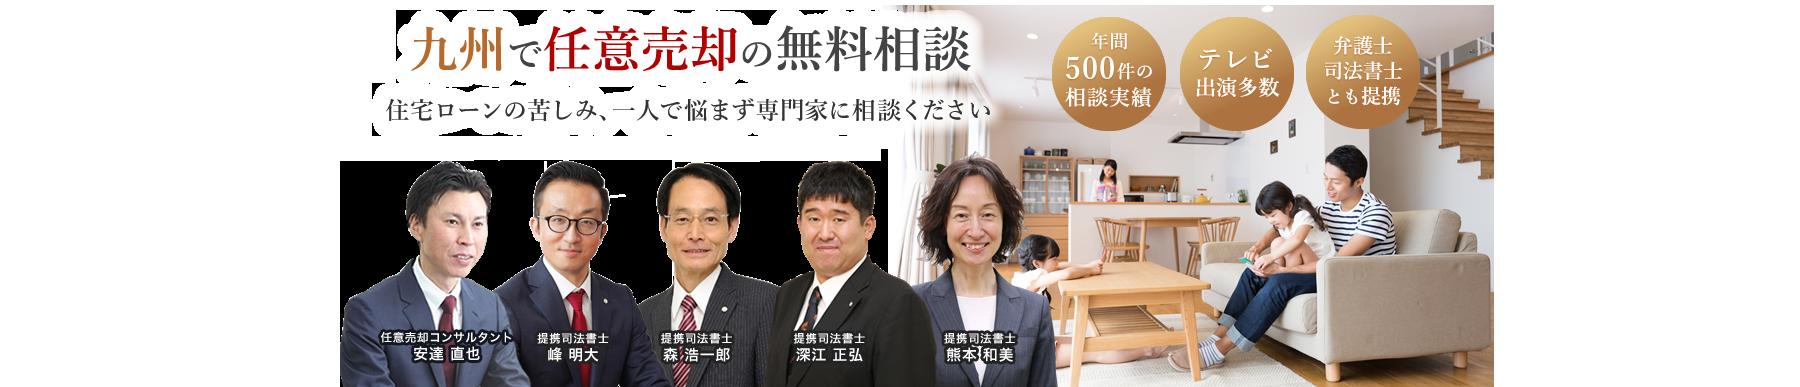 九州で任意売却の無料相談 住宅ローンの苦しみ、一人で悩まず専門家にご相談ください